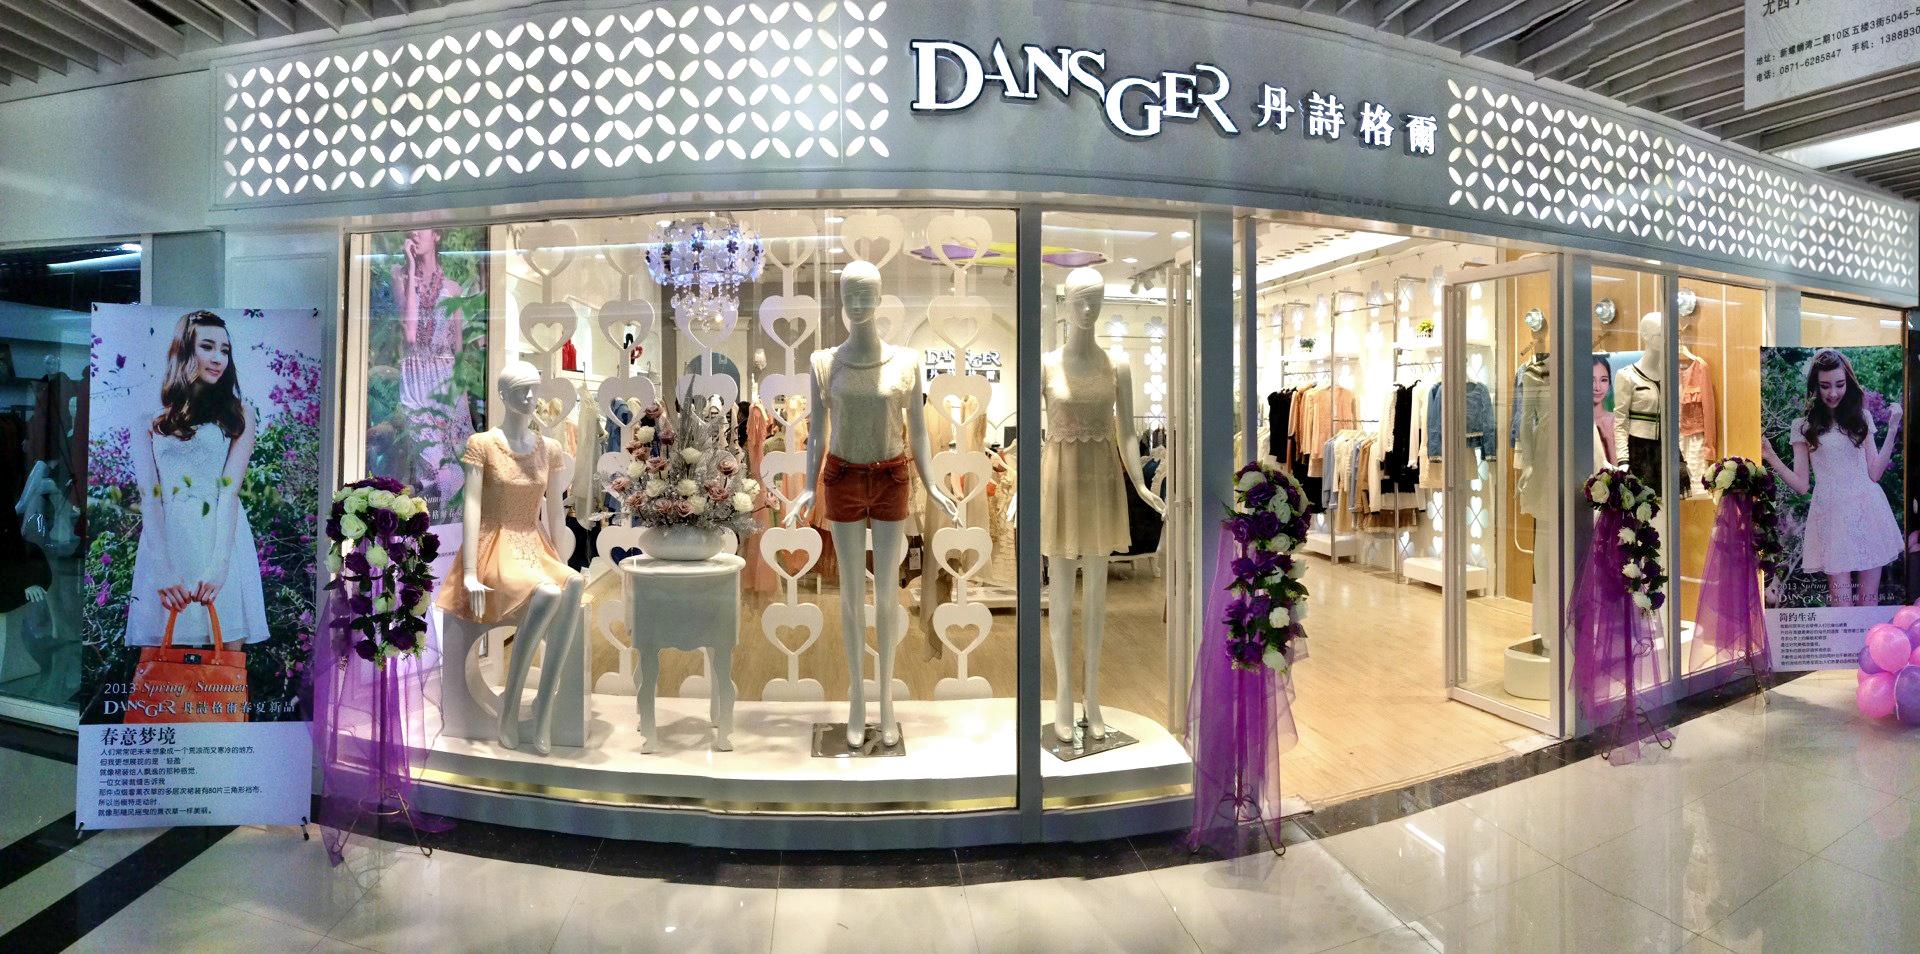 2014深圳丹诗格尔女装品牌现面向全国部分地区隆重招商